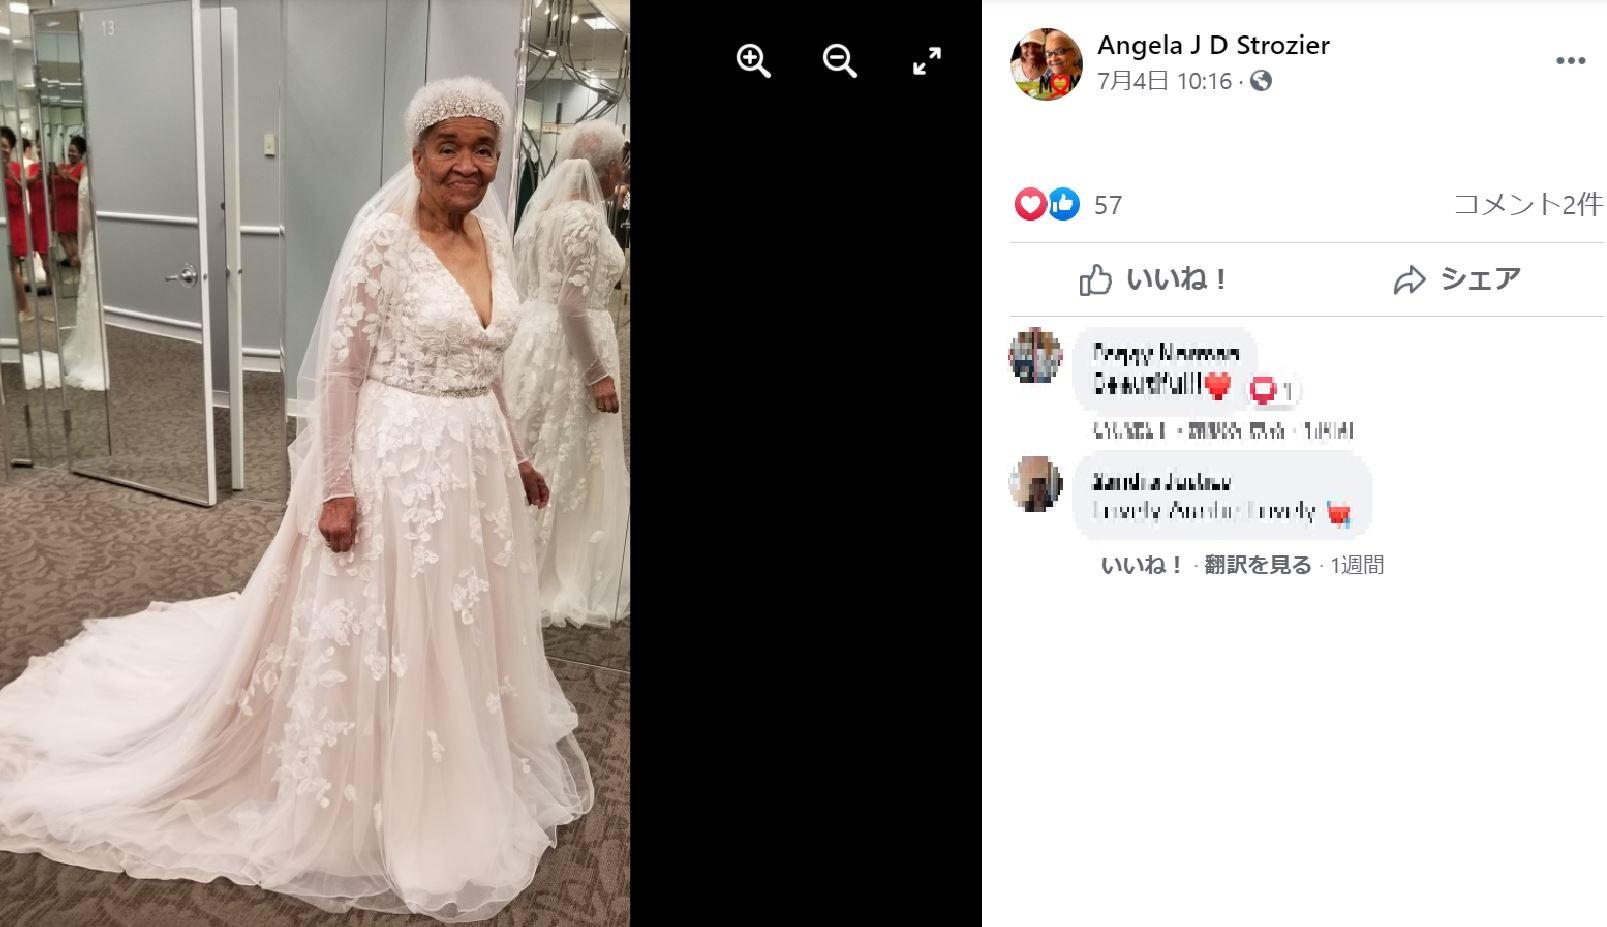 2種類のウェディングドレスを着用したマーサさん(画像は『Angela J D Strozier 2021年7月4日付Facebook「Another memory made....」』のスクリーンショット)